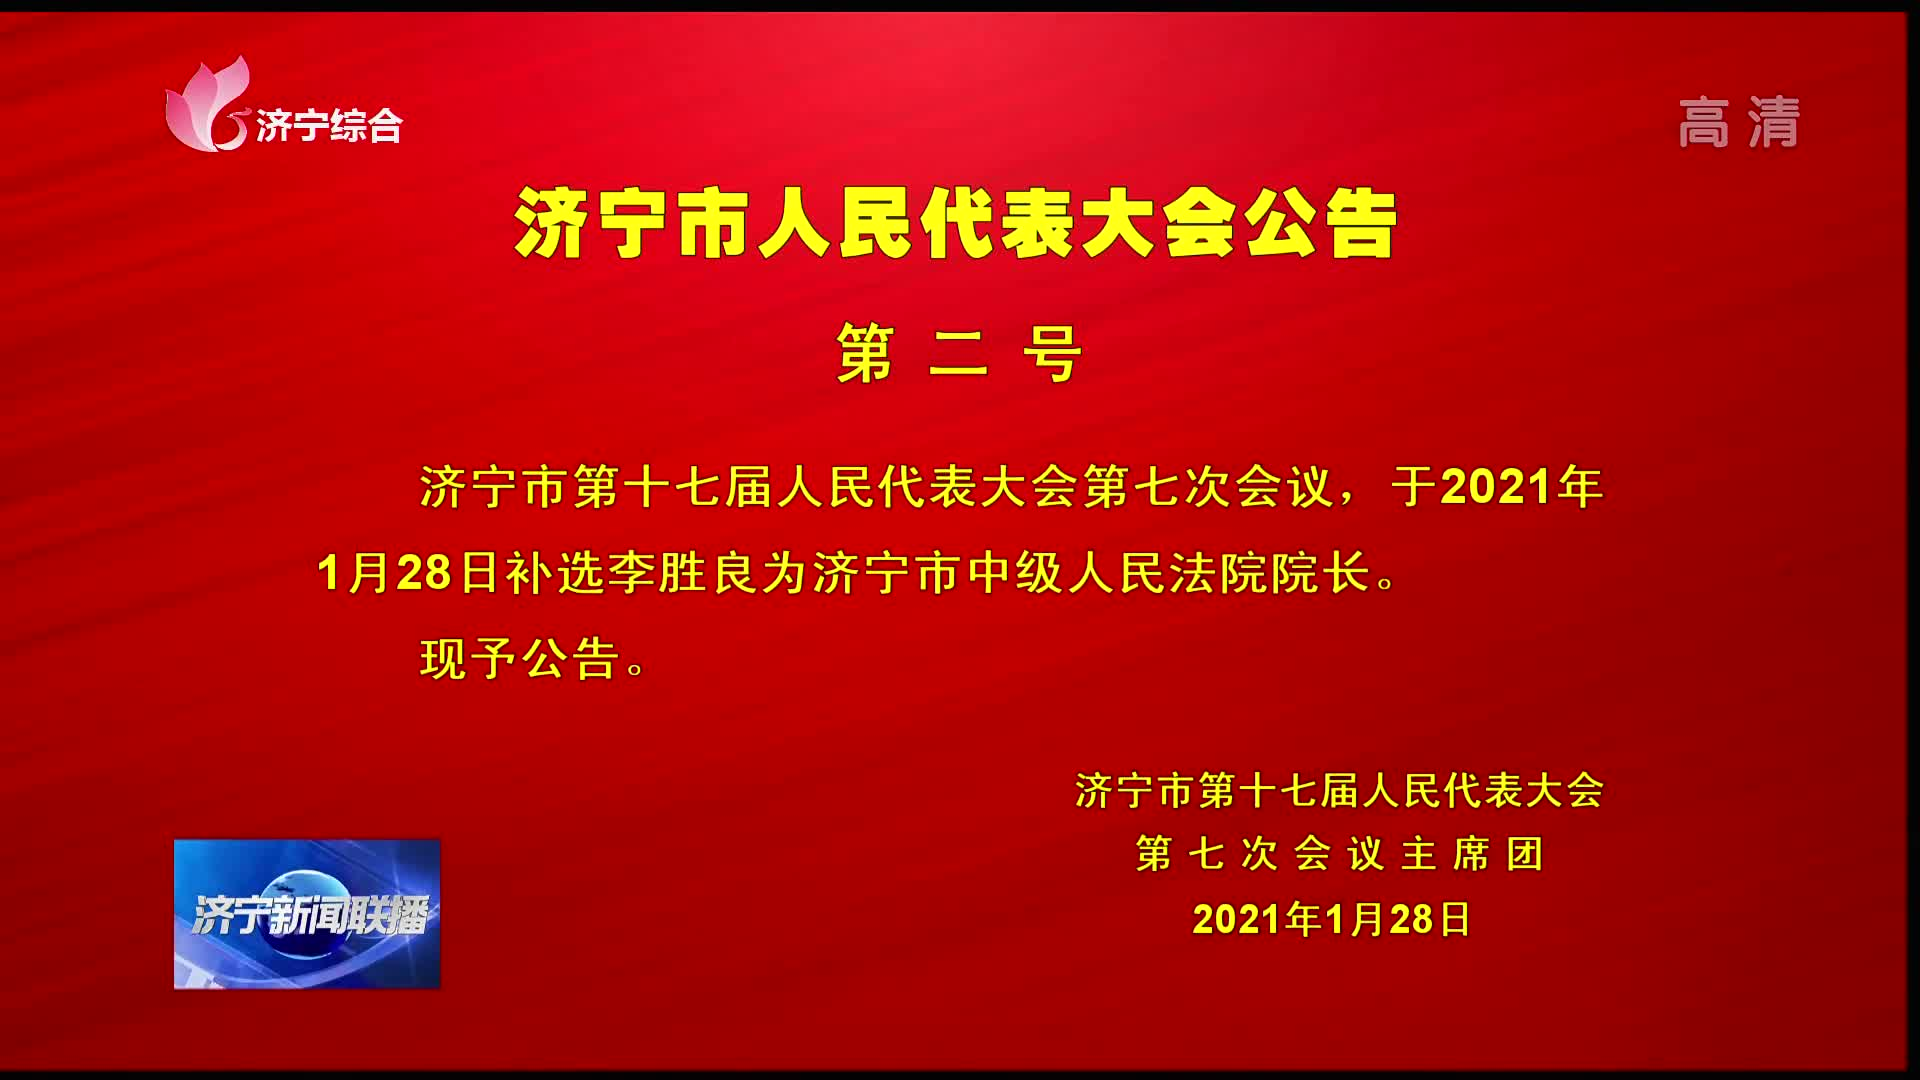 济宁市人民代表大会公告第二号